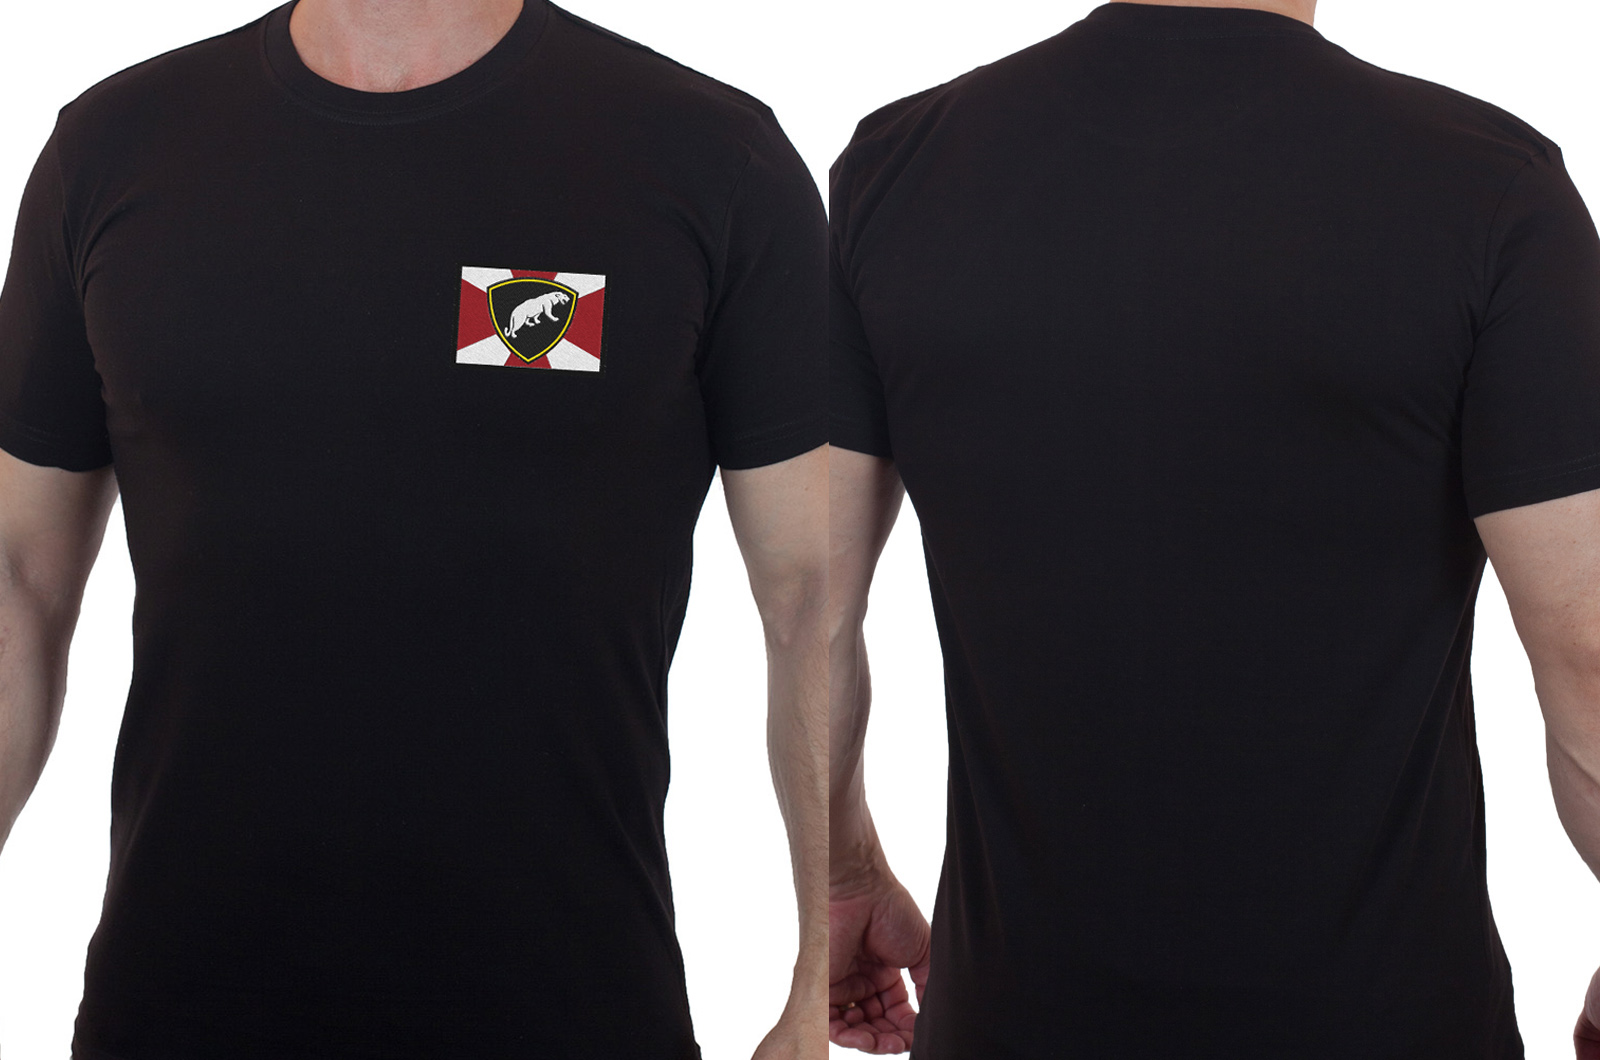 Черная мужская футболка с вышитым шевроном ОДОН ВВ МВД - заказать выгодно